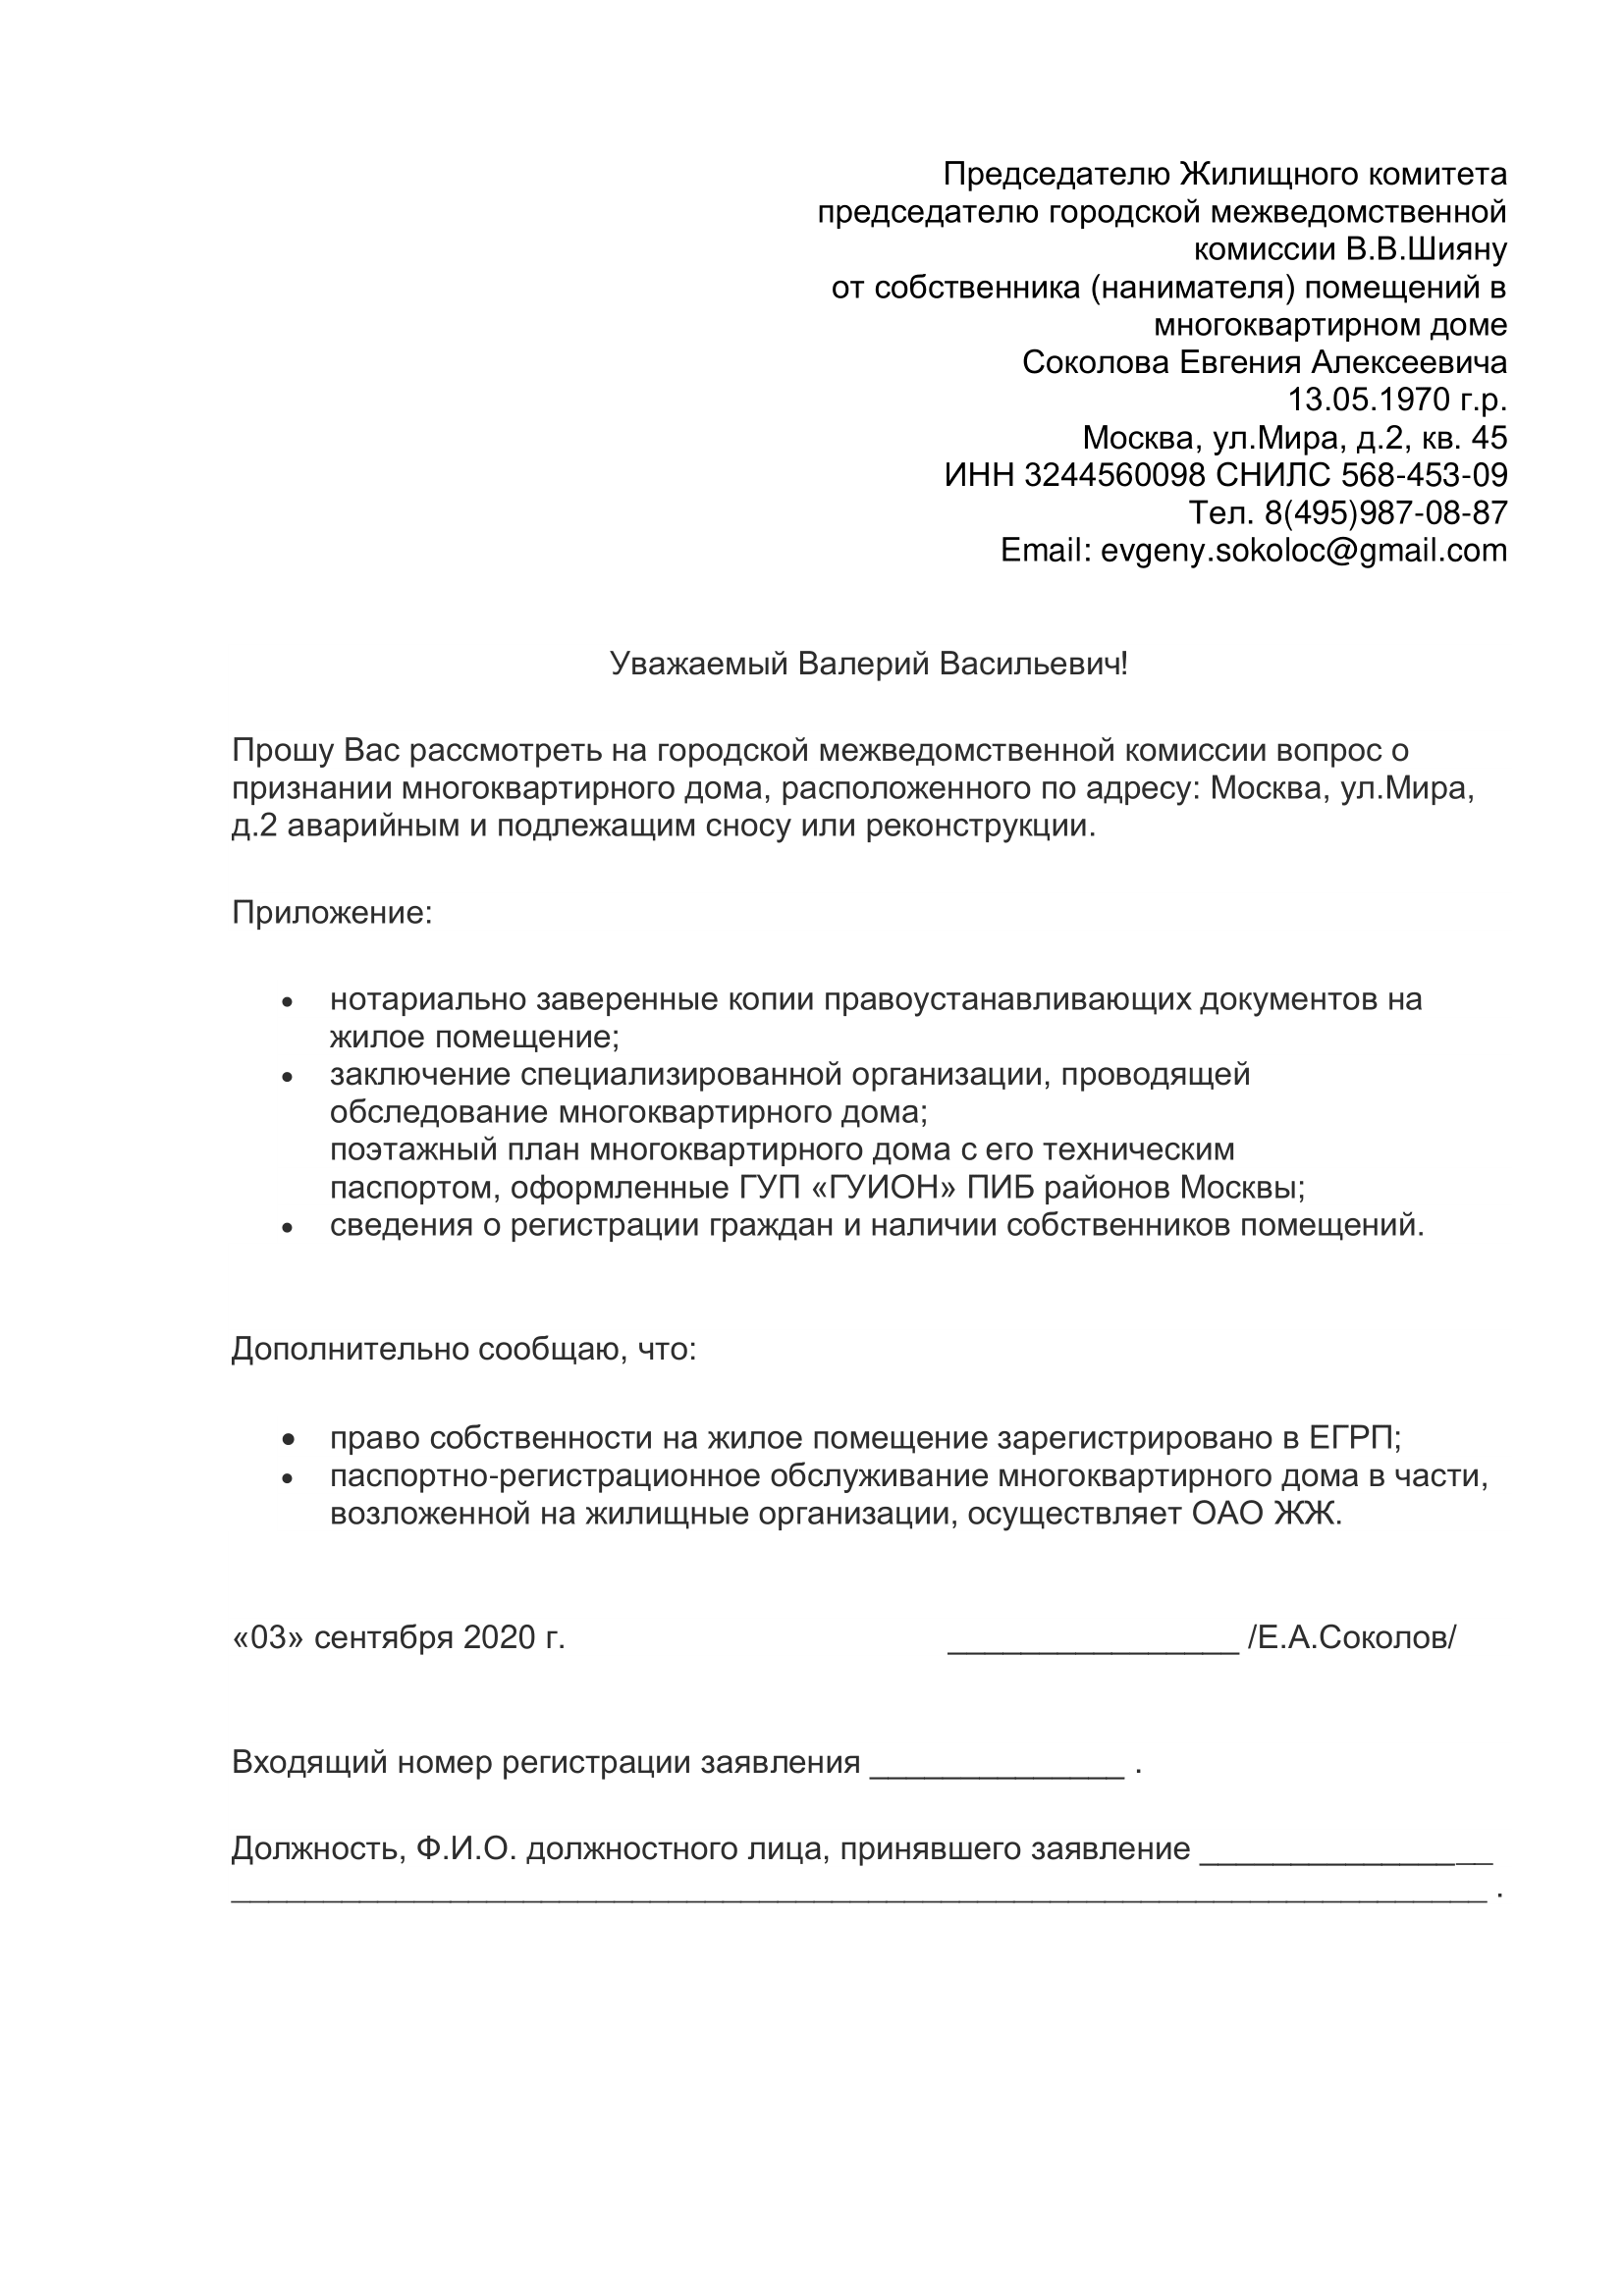 Заявление о признании дома аварийным и подлежащим сносу или реконструкции